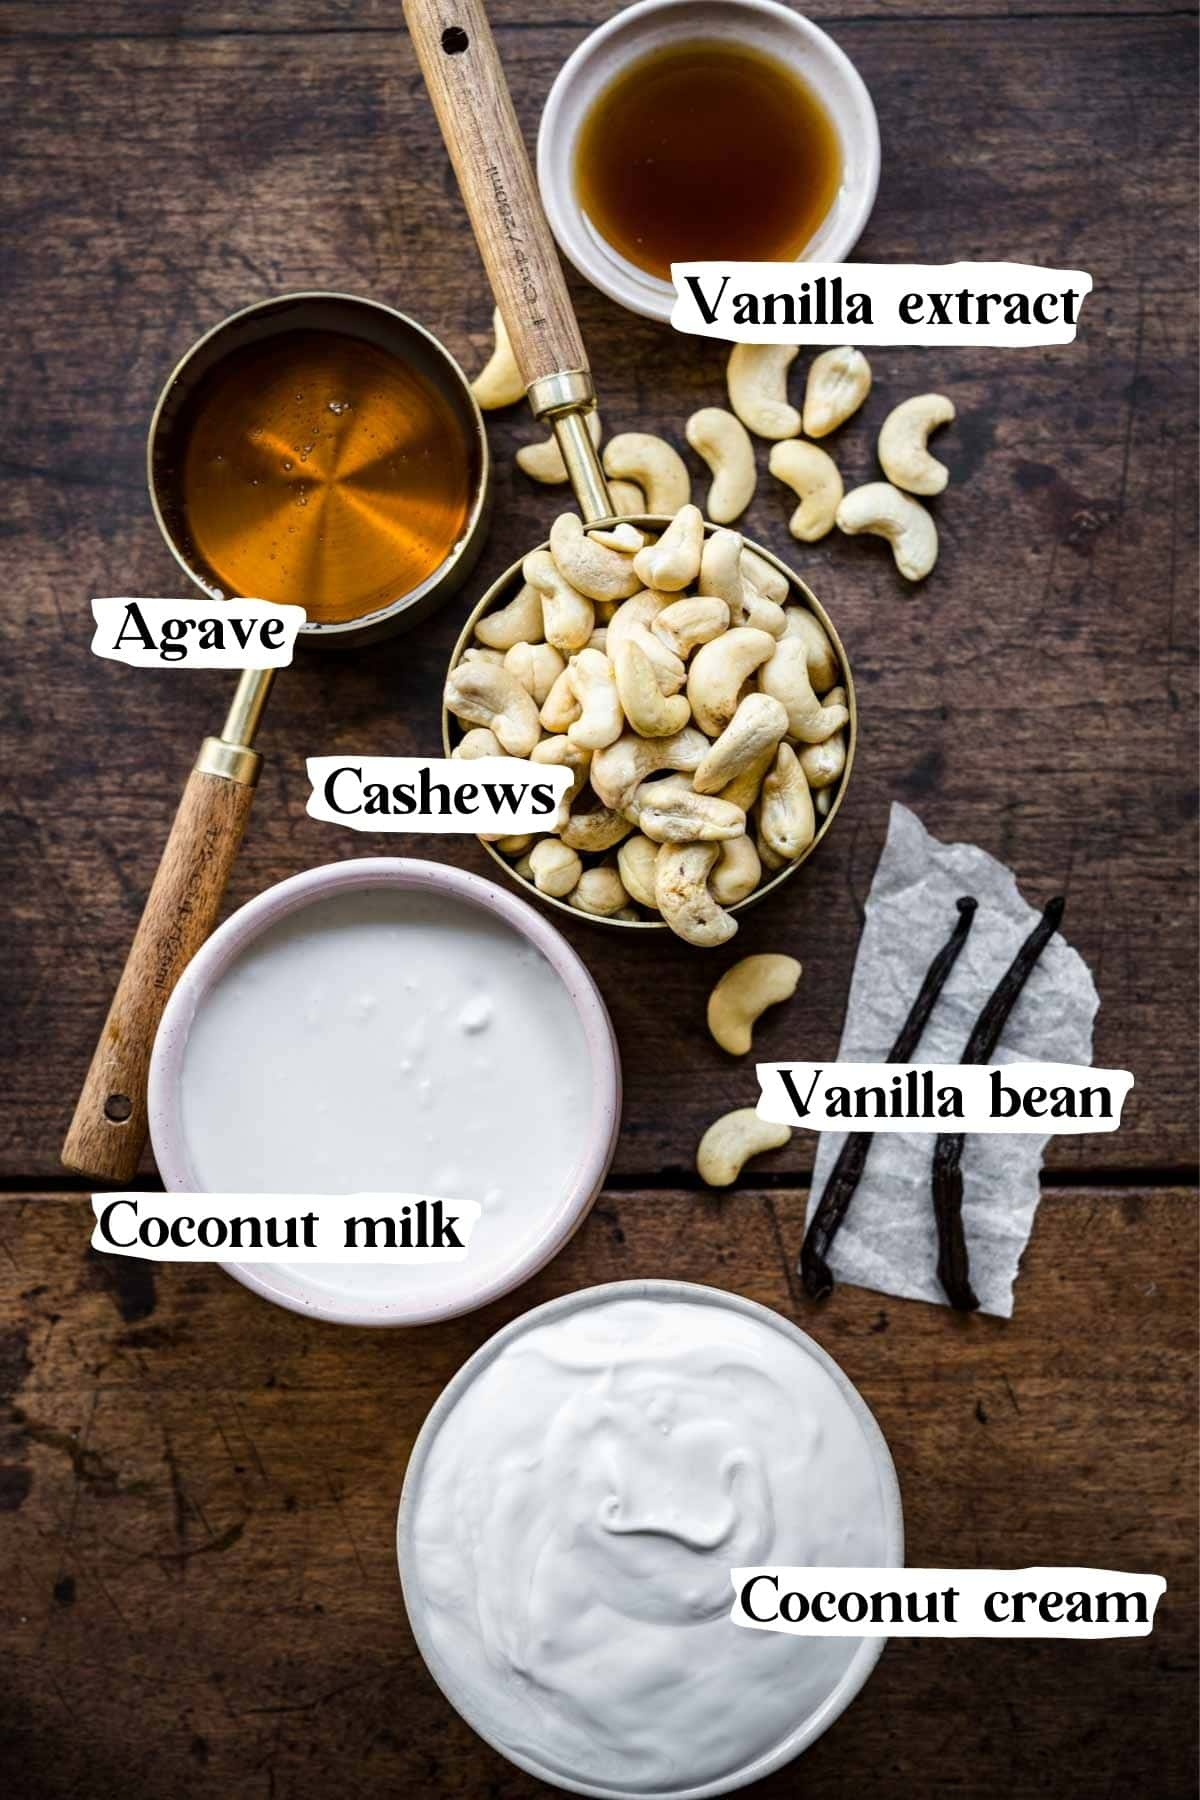 Overhead shot of ingredients including vanilla beans, cashews, coconut milk, etc.